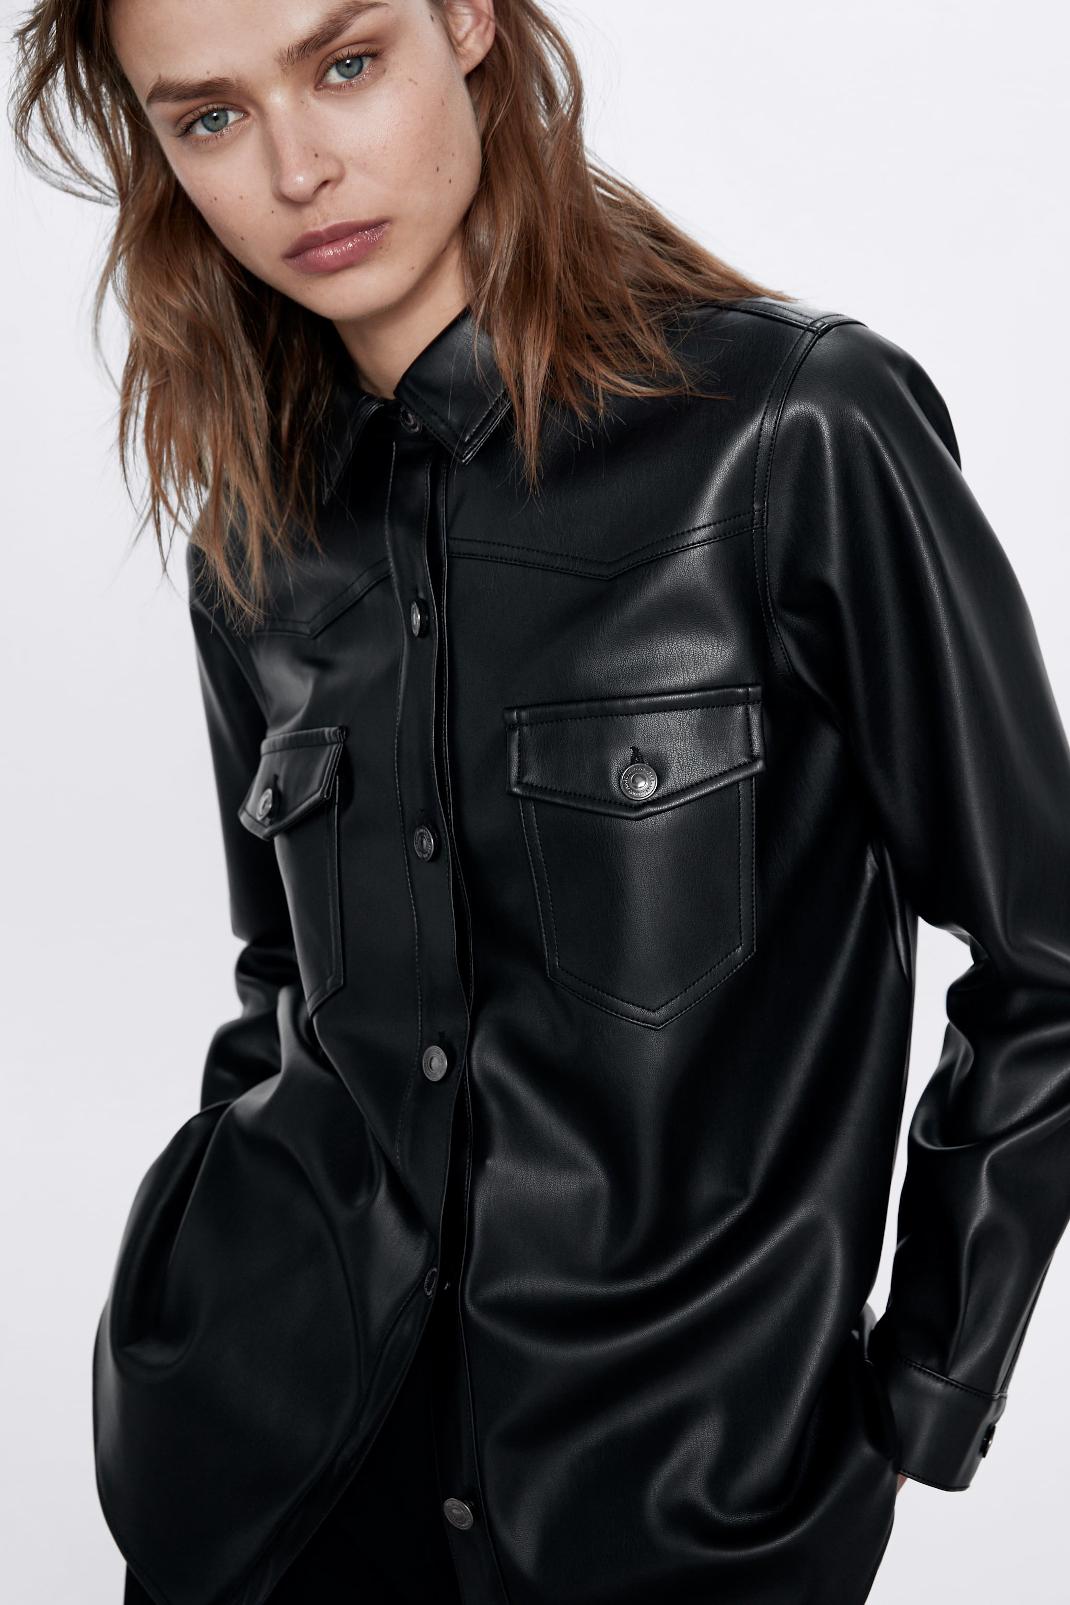 γυναίκα με μαύρη μπλούζα Zara